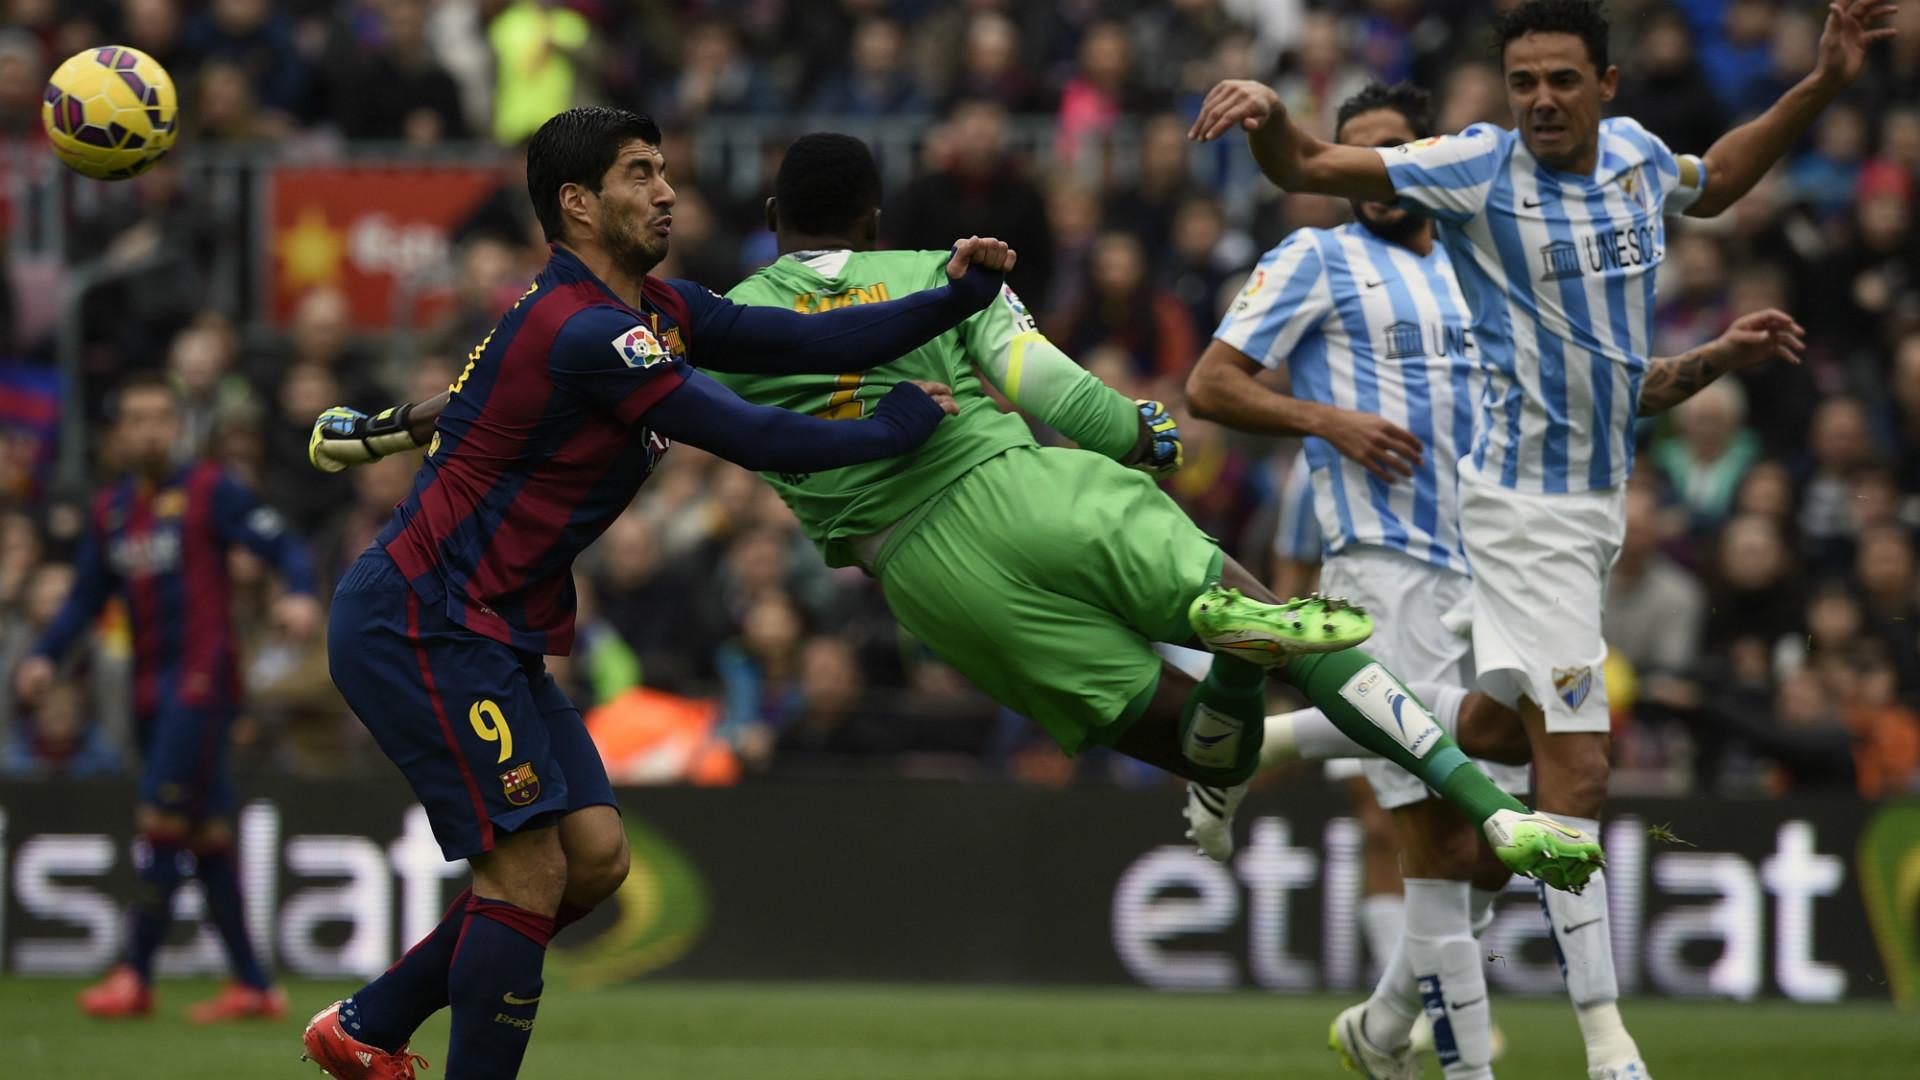 Luis Suarez Carlos Kameni Barcelona Malaga La Liga